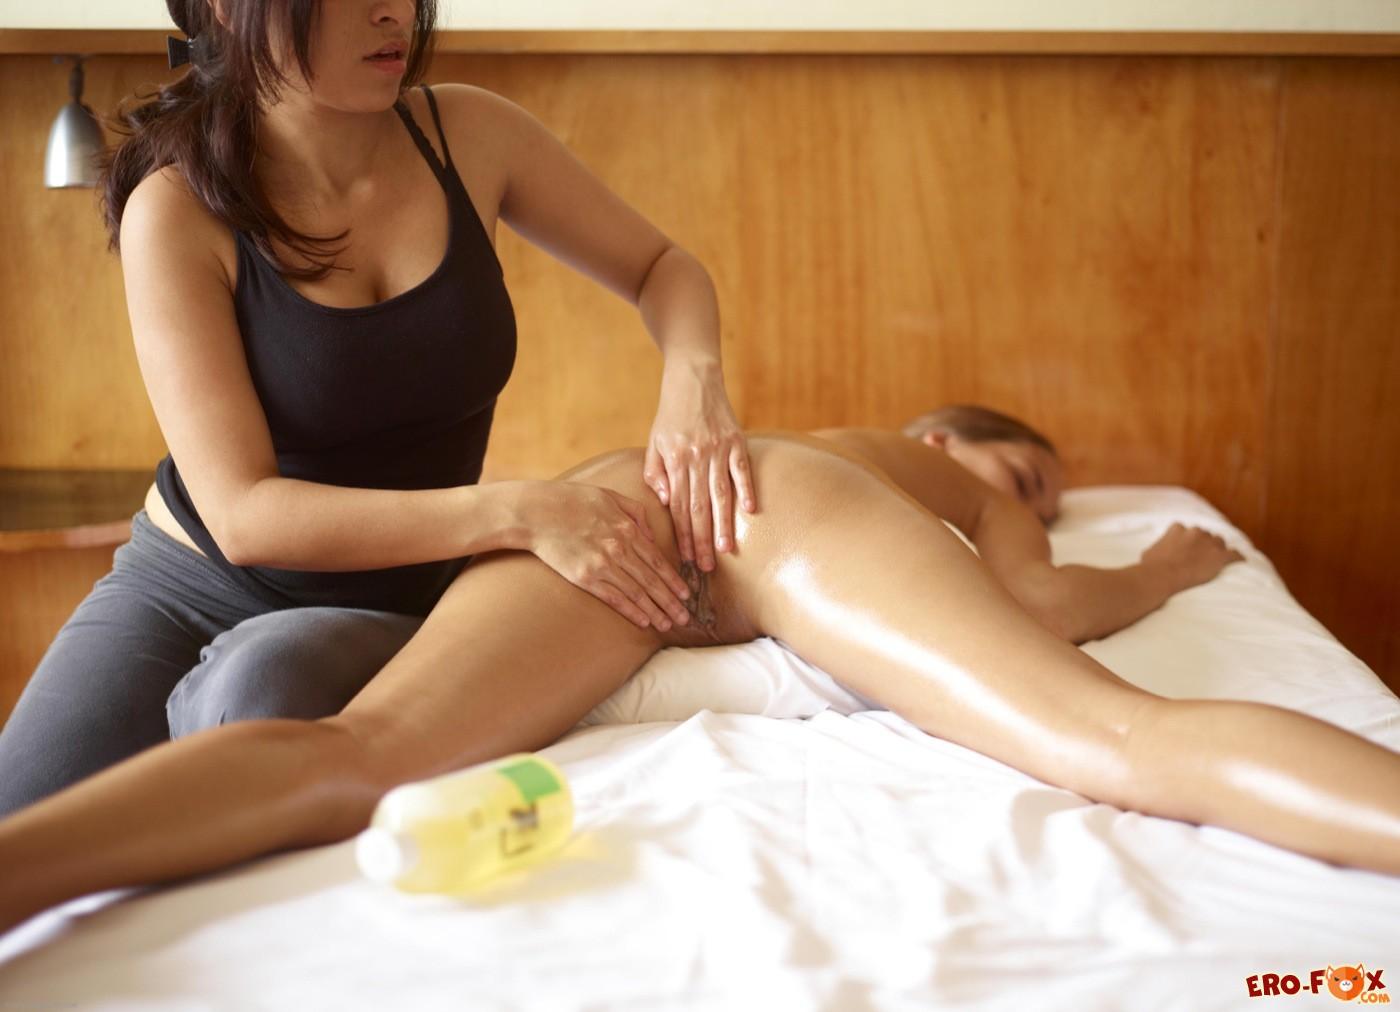 Голой девушке в масле делают массаж на кровати - фото